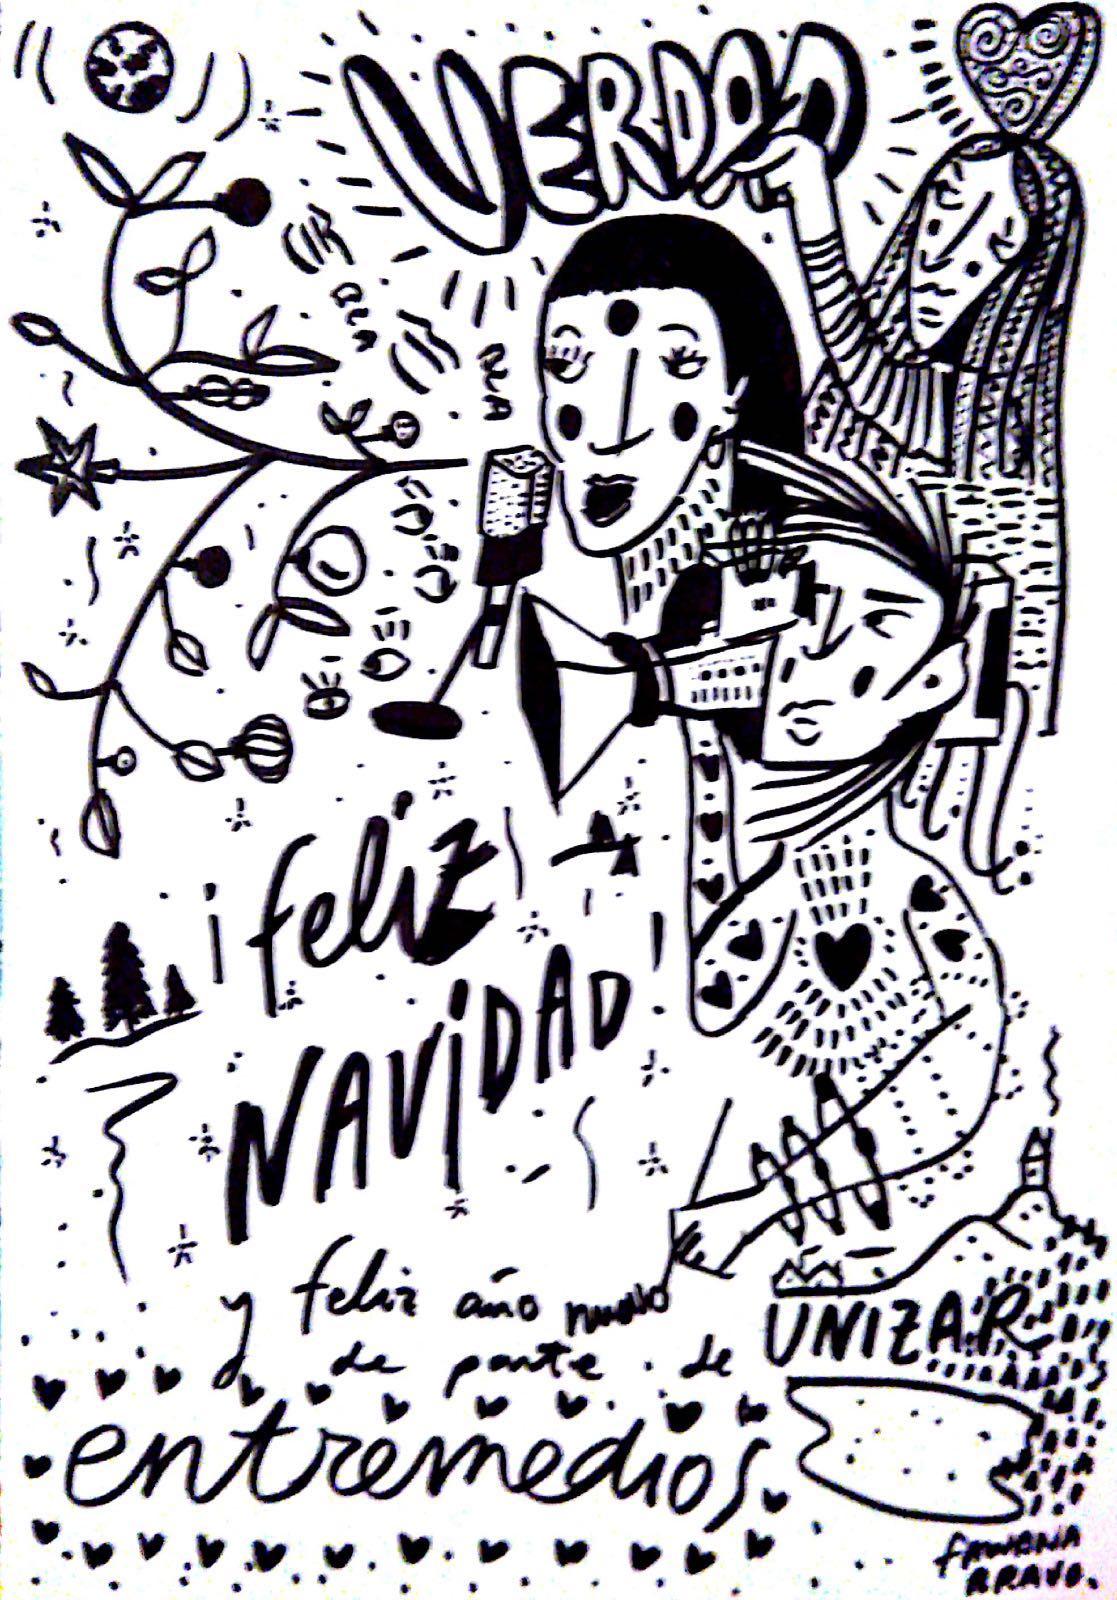 Felicitación navideña de Entremedios 2017